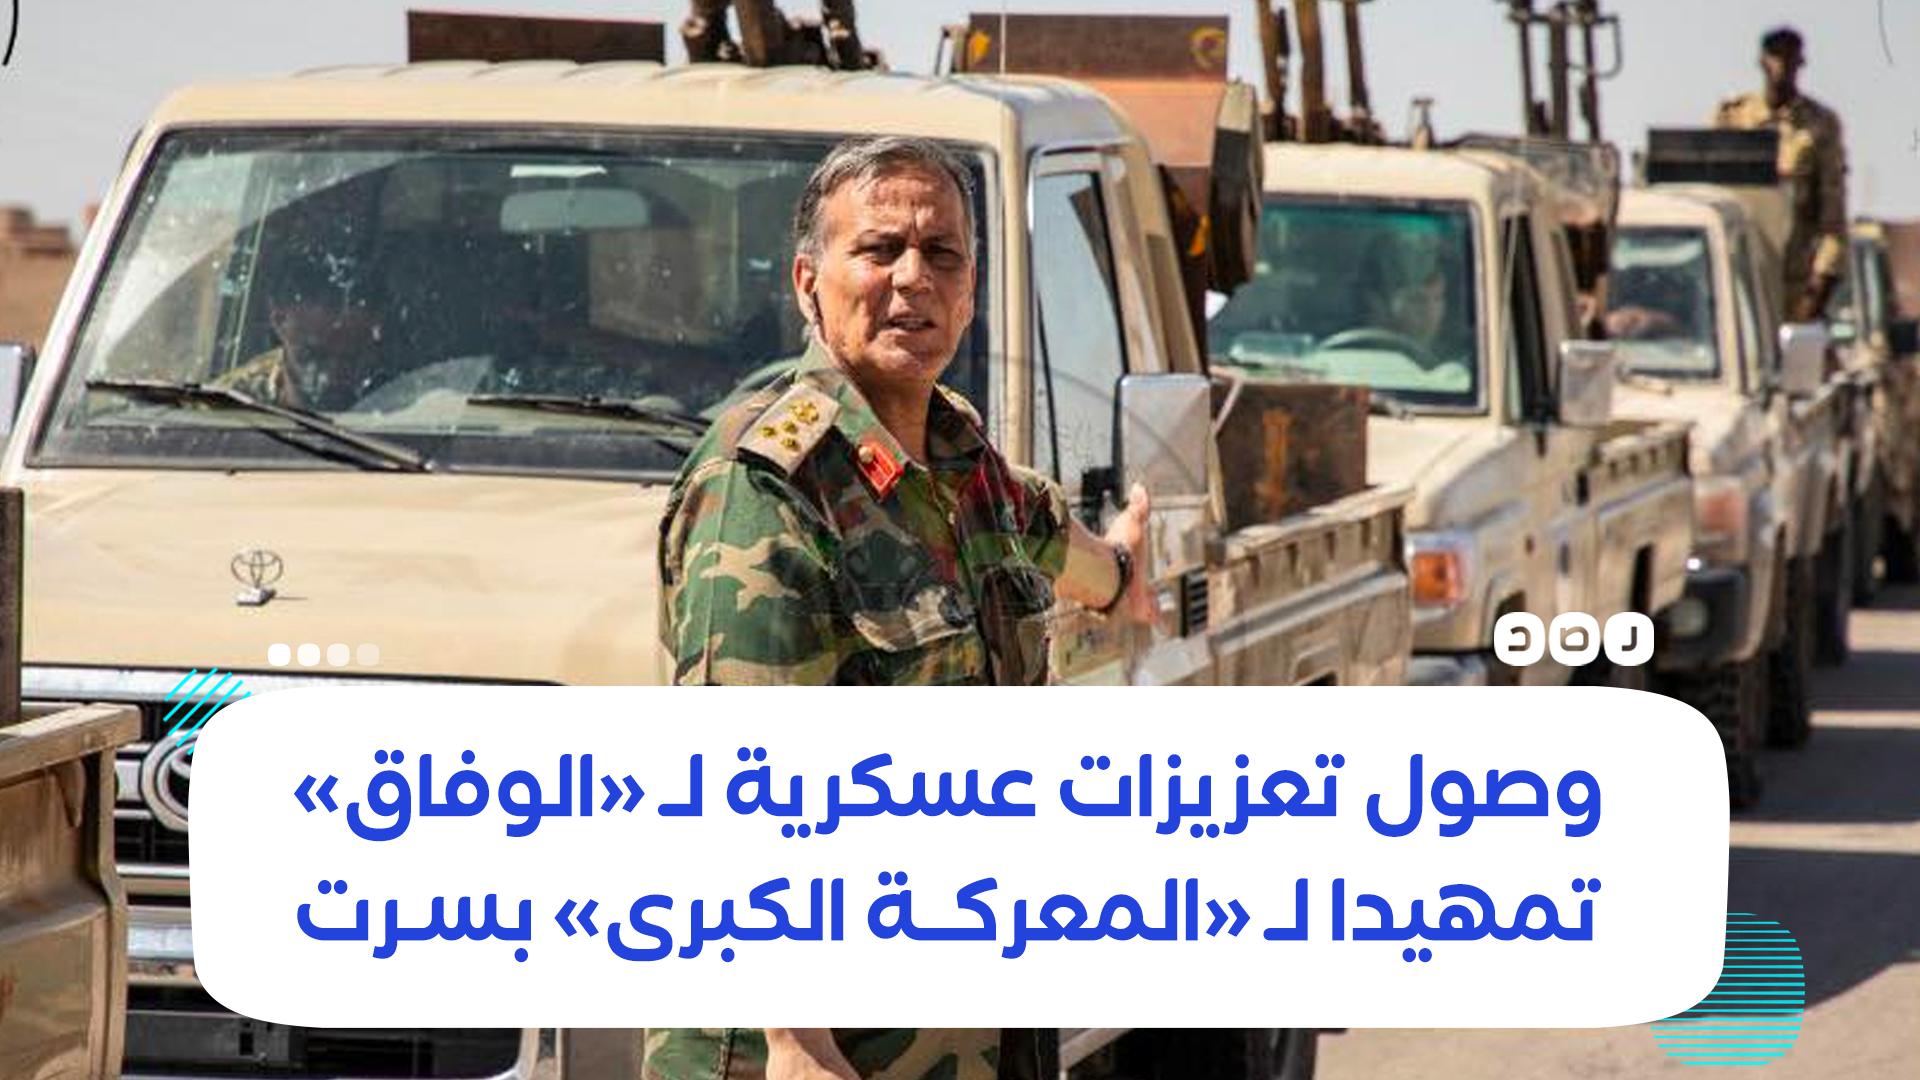 """""""سرت"""" خط السيسي الأحمر في خطر بعد استعدادات قوات الوفاق لإقتحامها"""